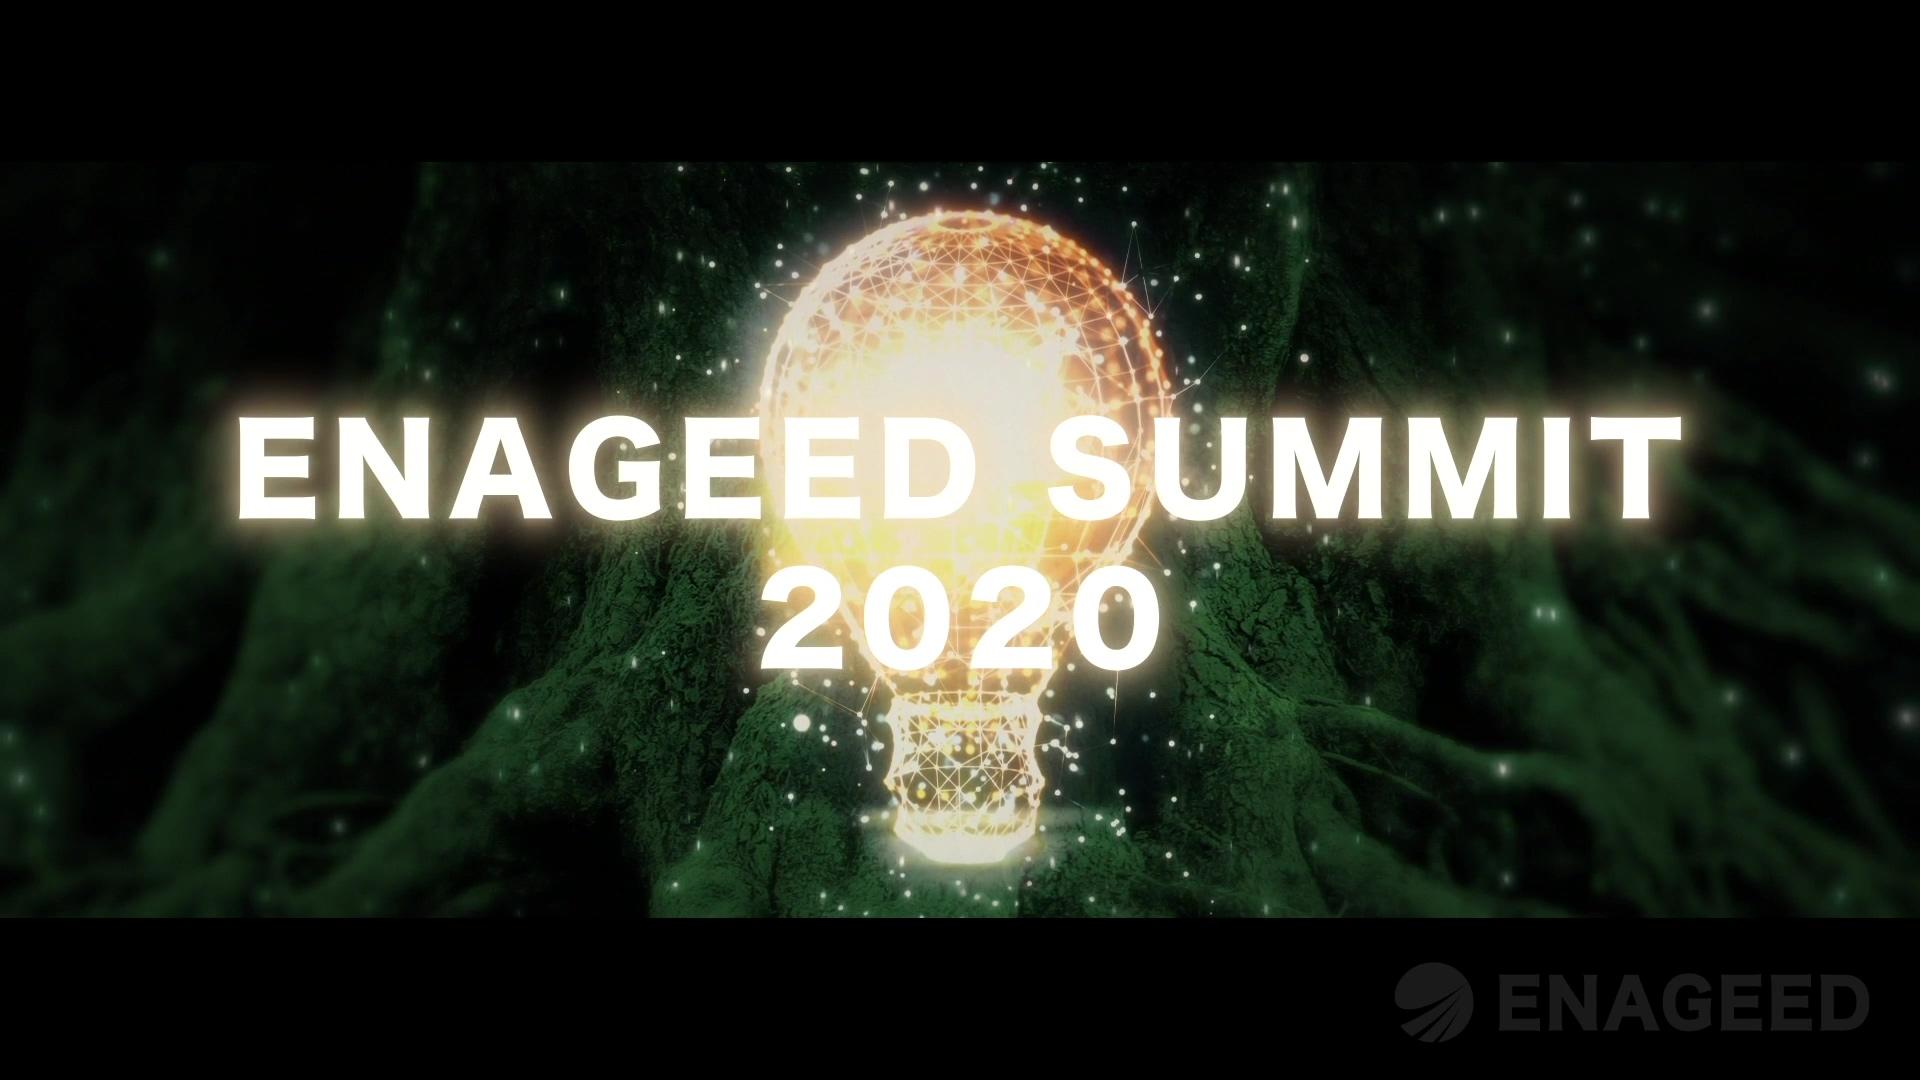 ENAGEED SUMMIT OP_2-1